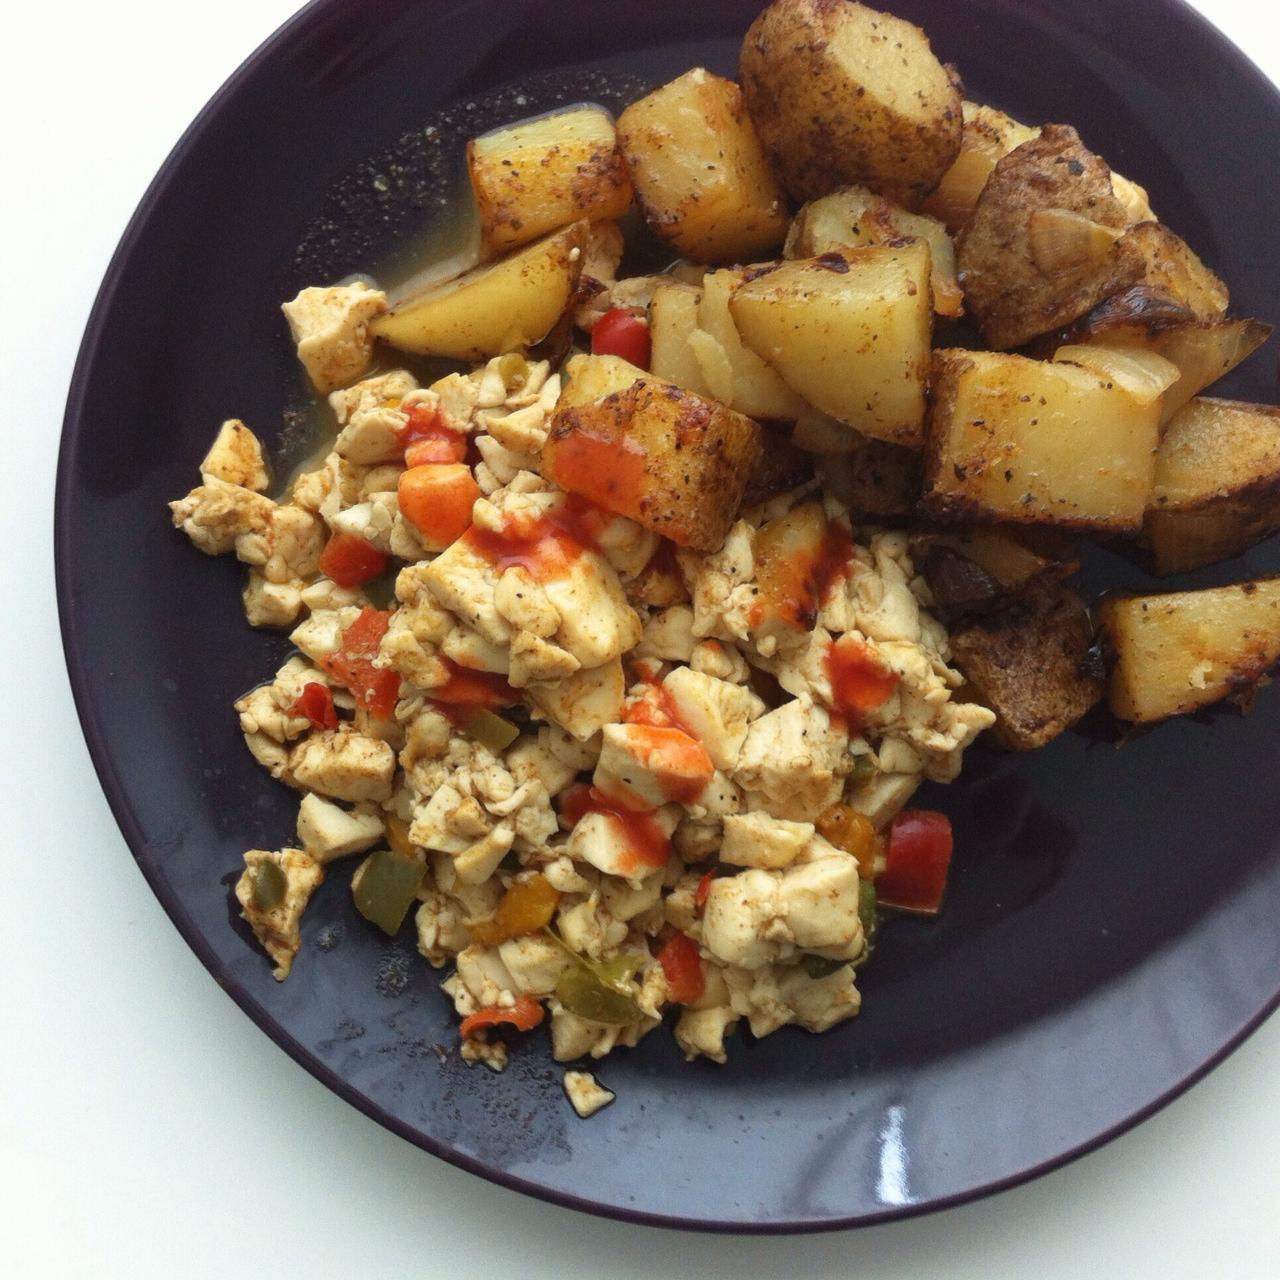 Scrambled Tofu & Home Fries